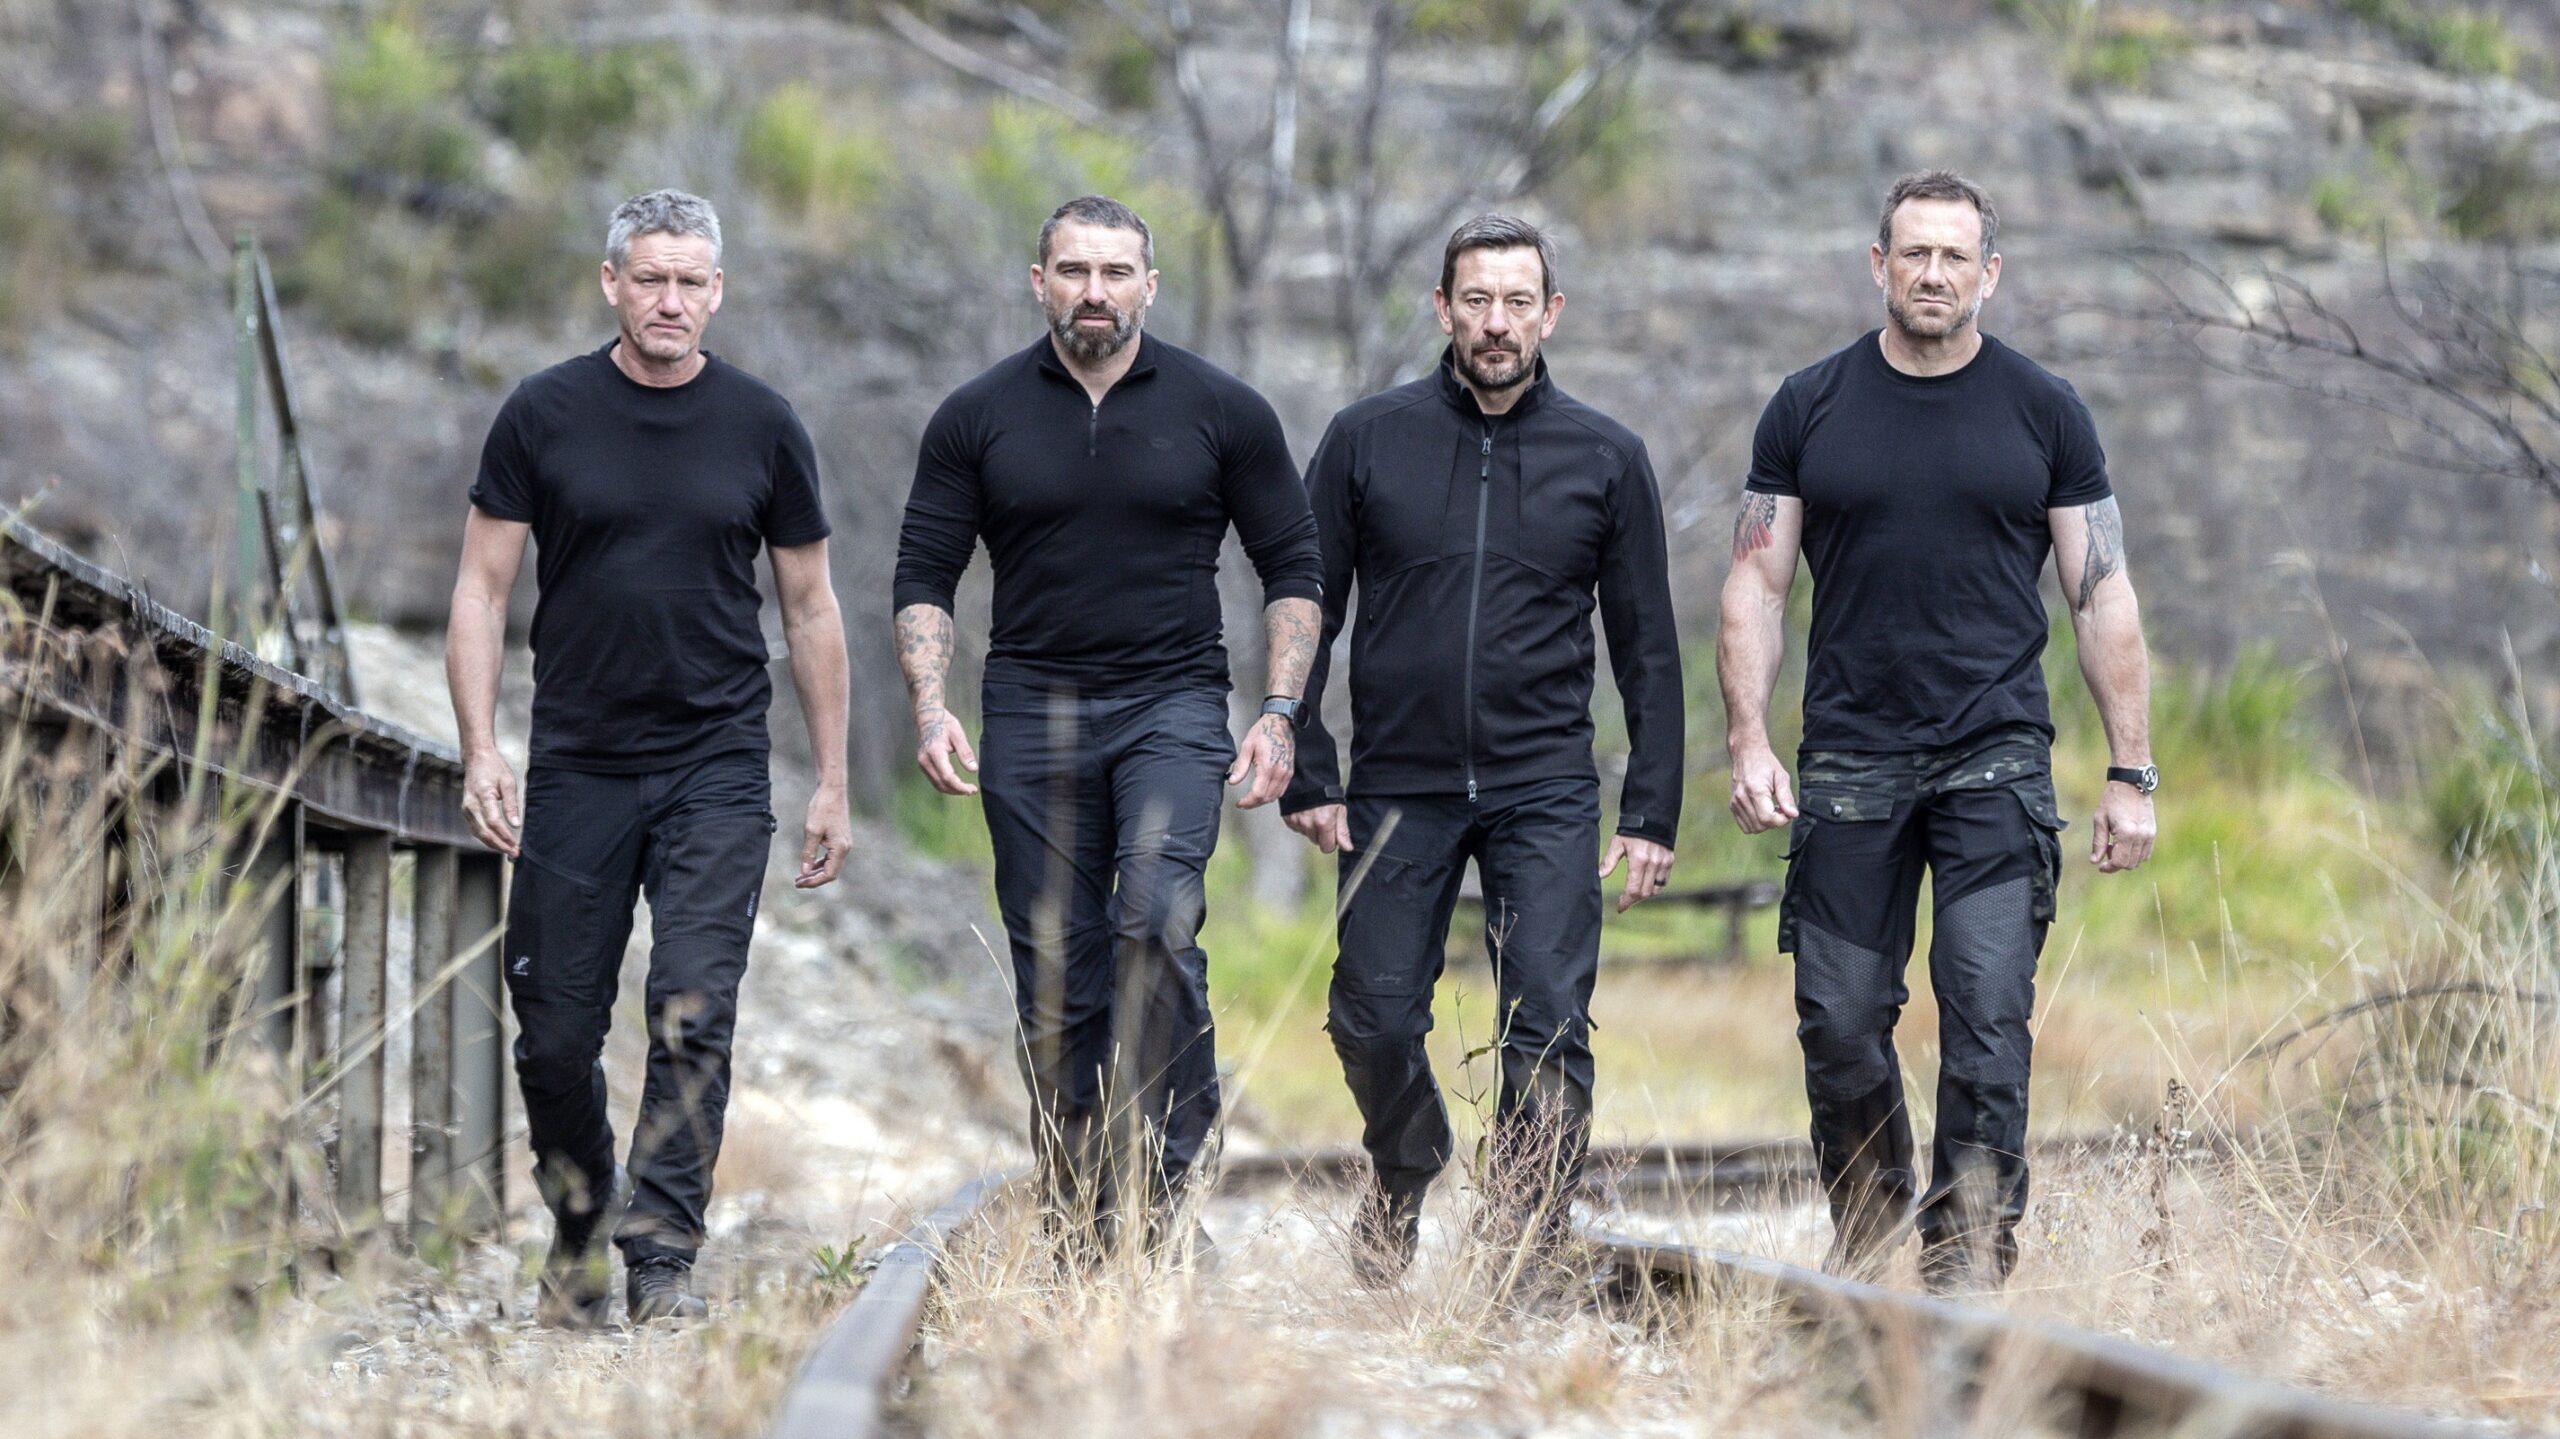 SAS Australia recruits viewers to Seven